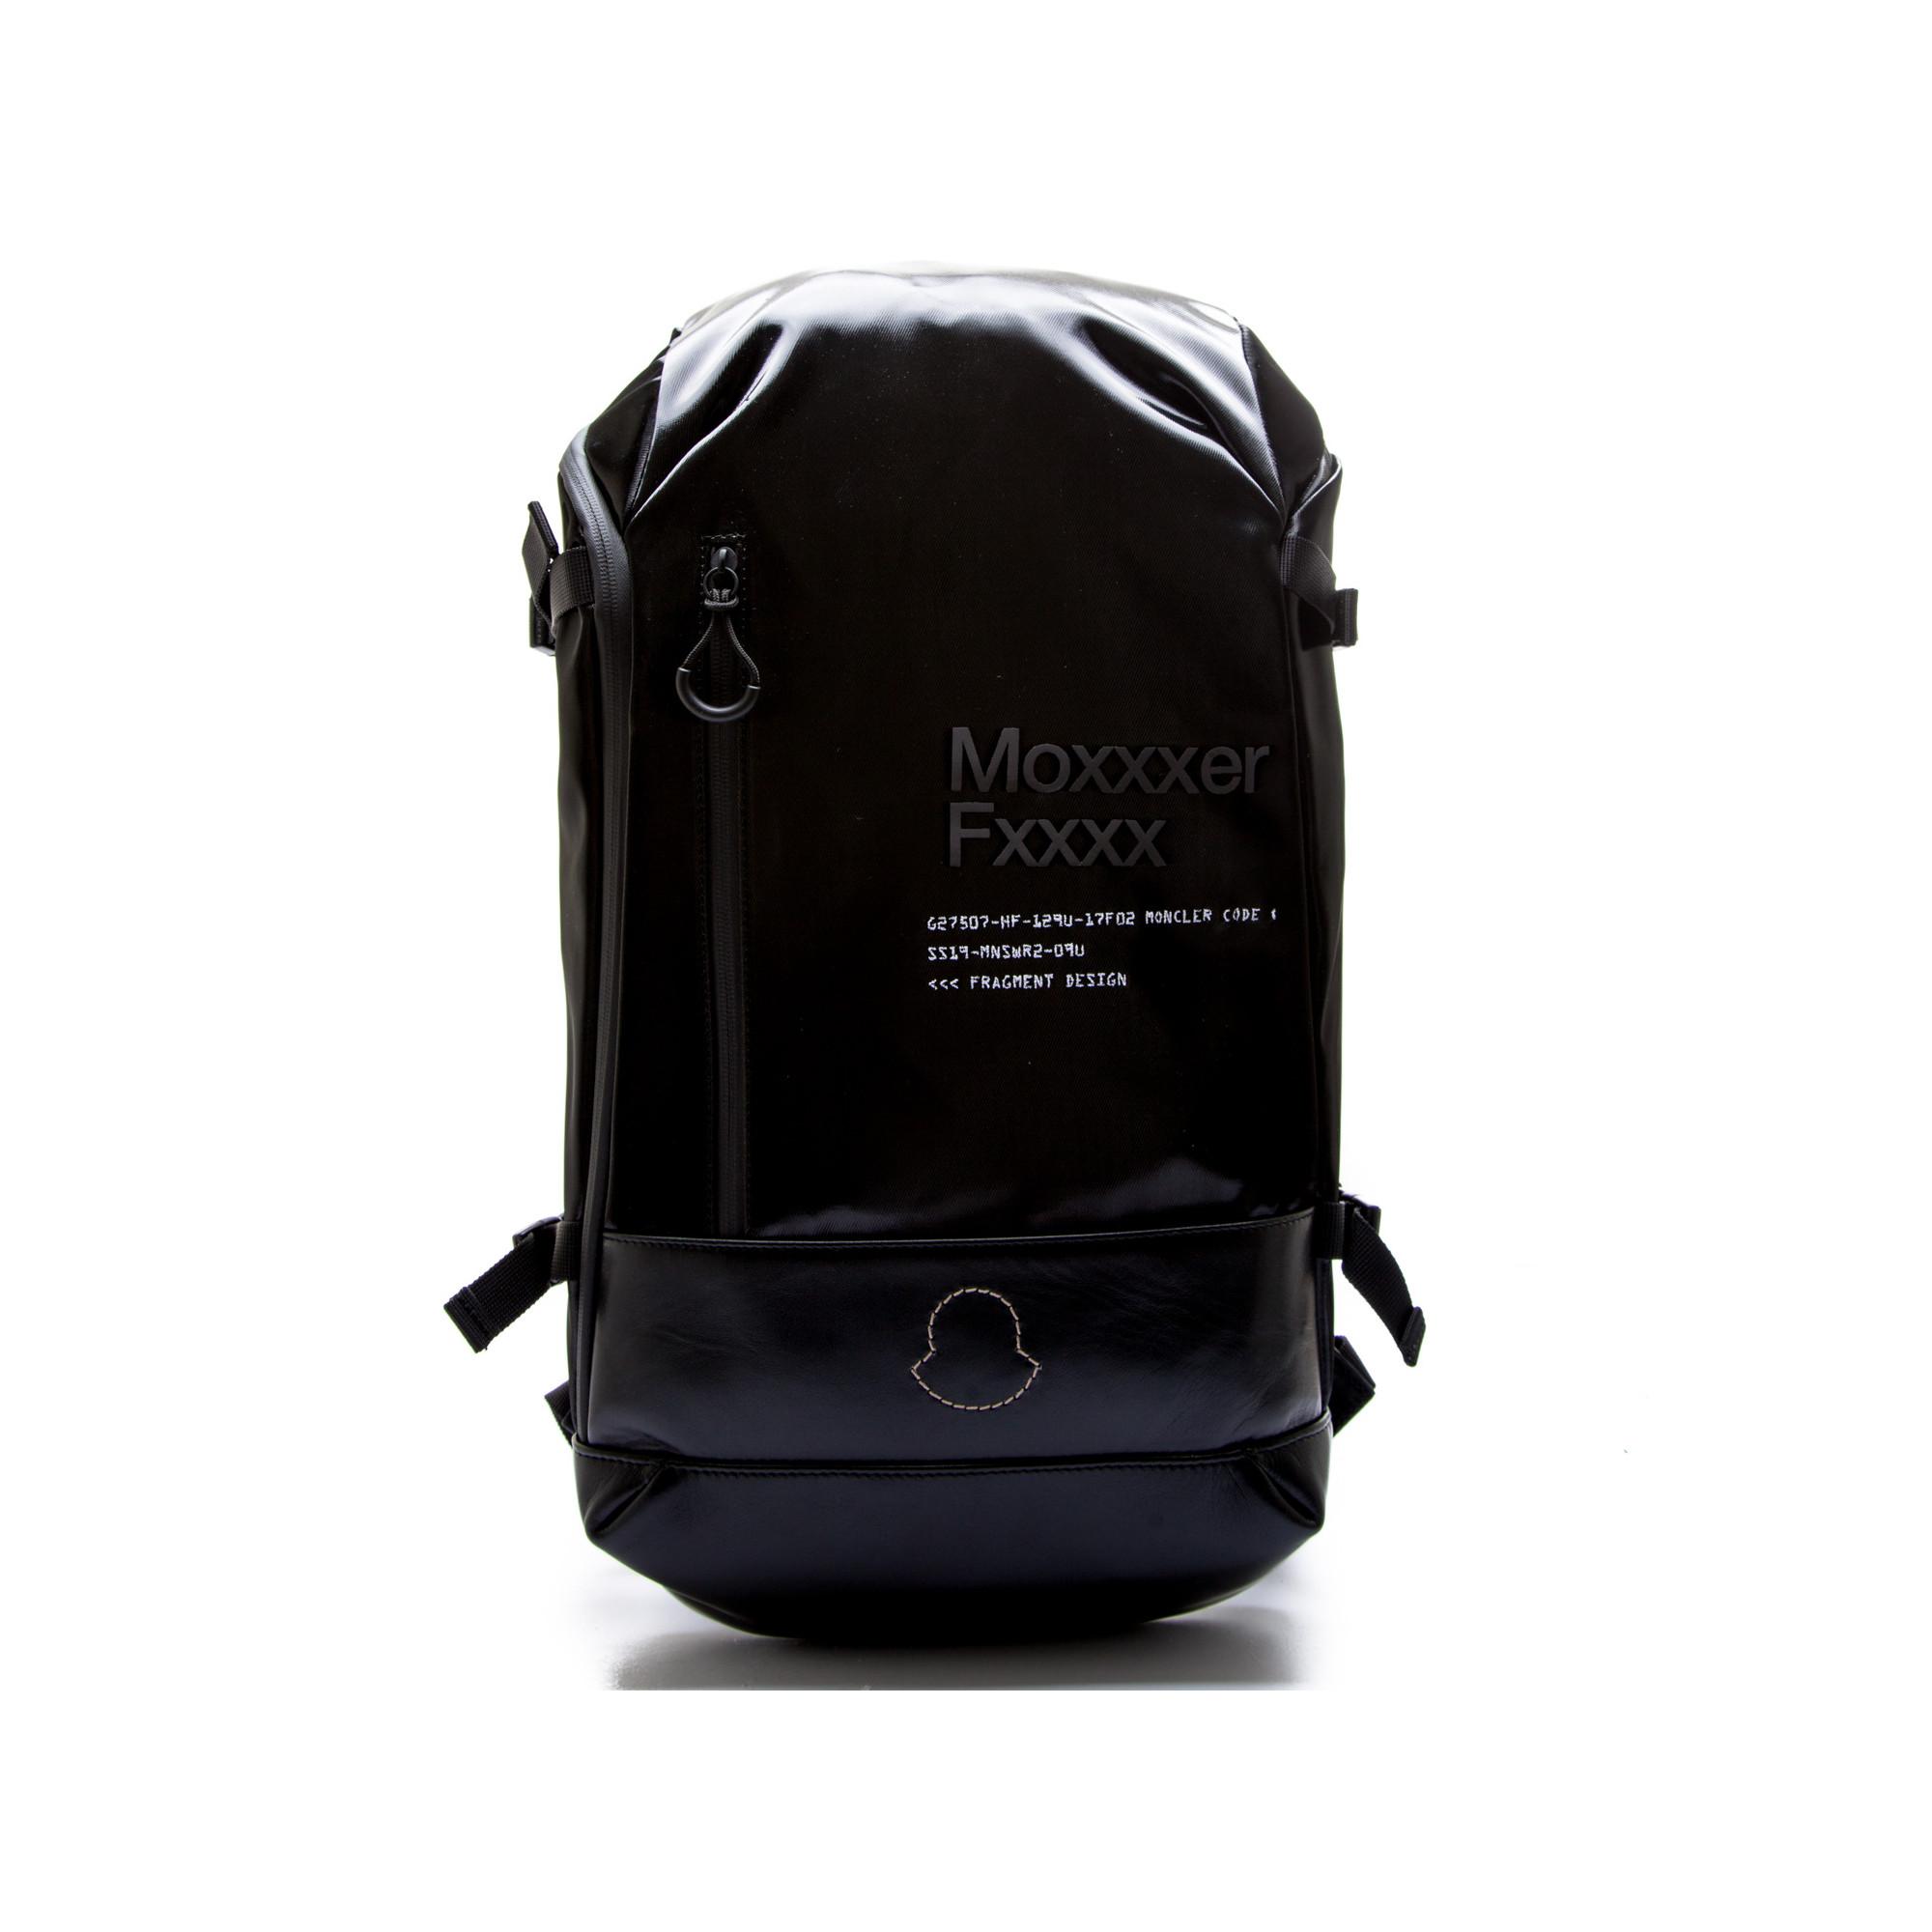 dec7bac0b6 Moncler backpack black Moncler backpack black - www.derodeloper.com -  Derodeloper.com ...